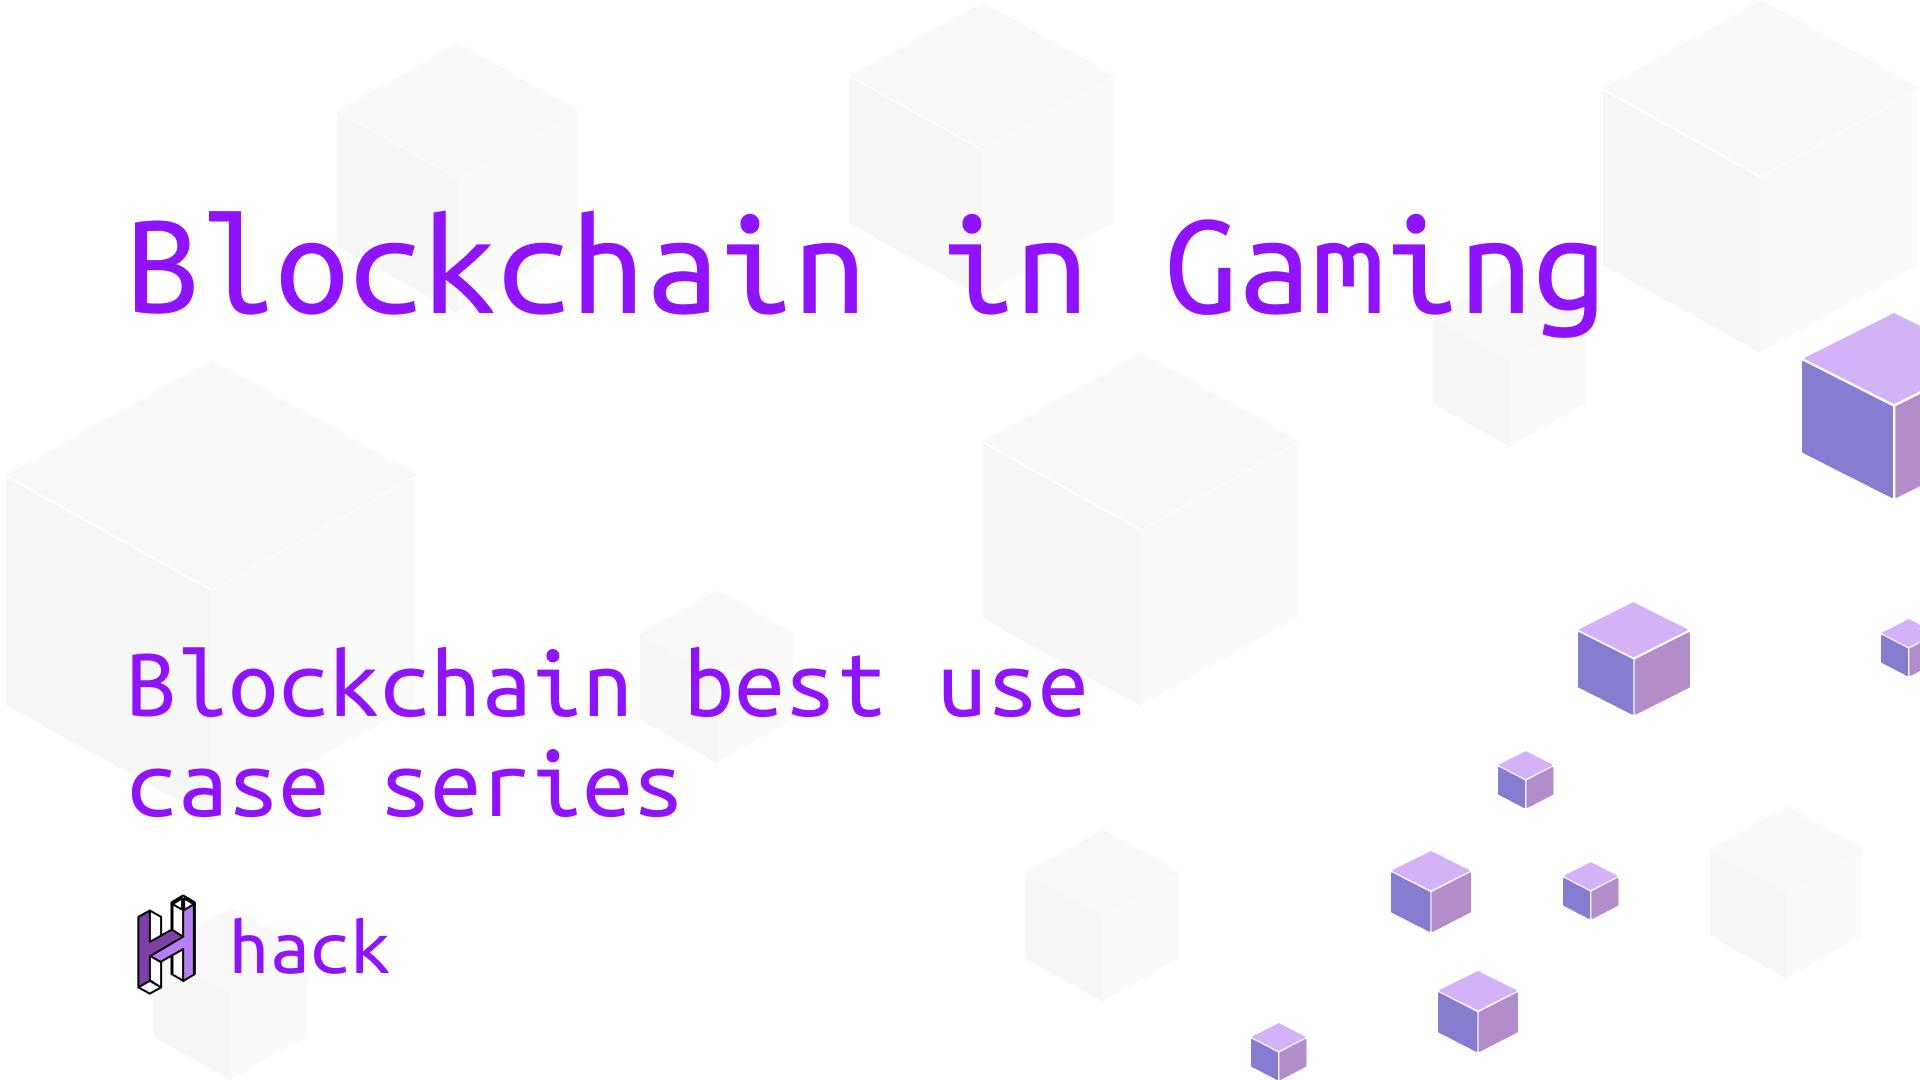 Blockchain in Gaming - Blockchain best use case series